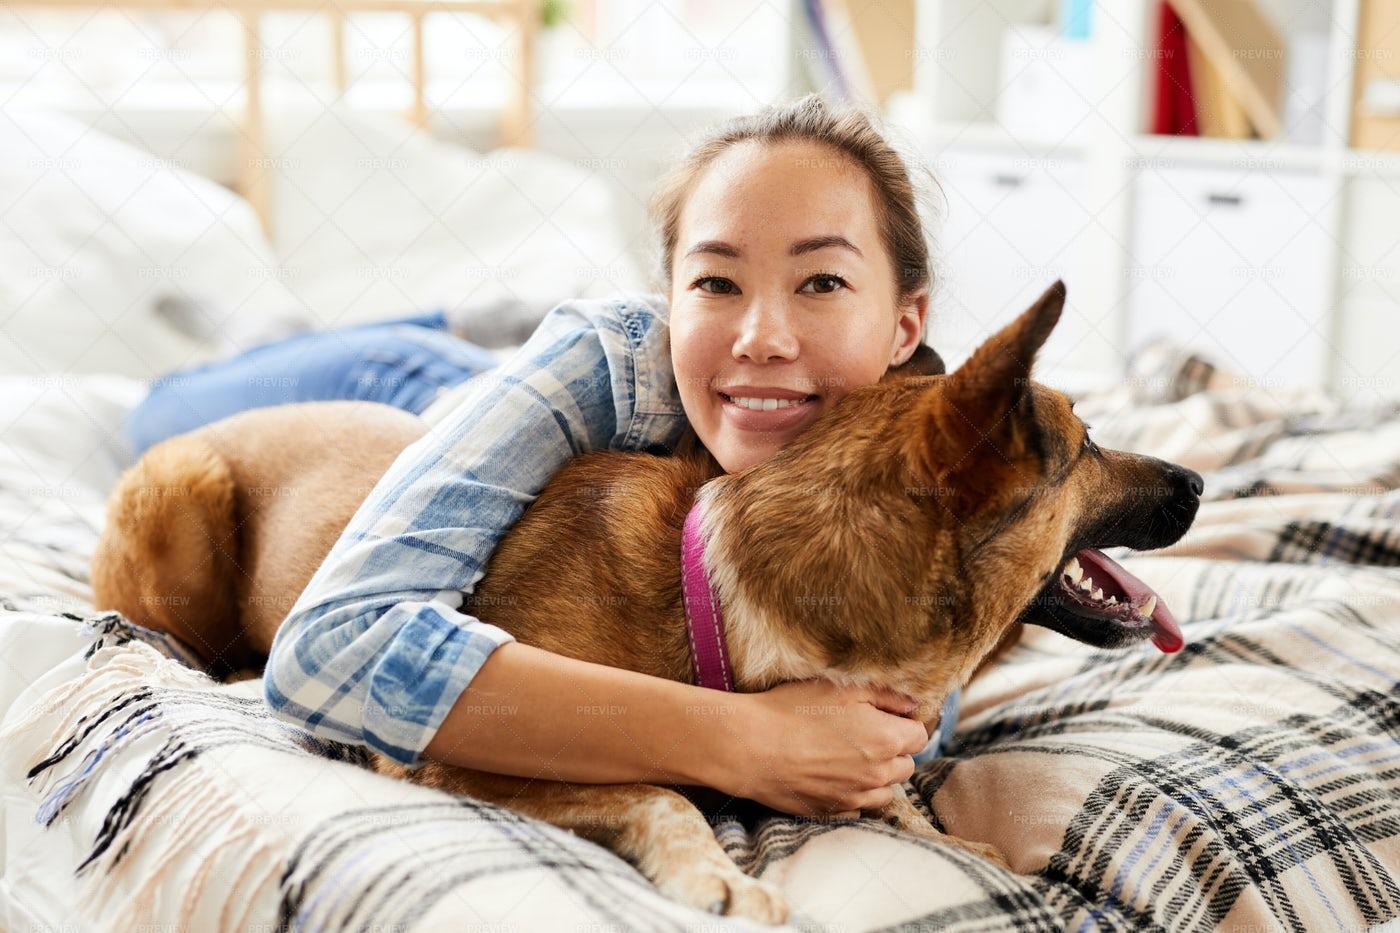 Asian Woman Hugging Dog: Stock Photos